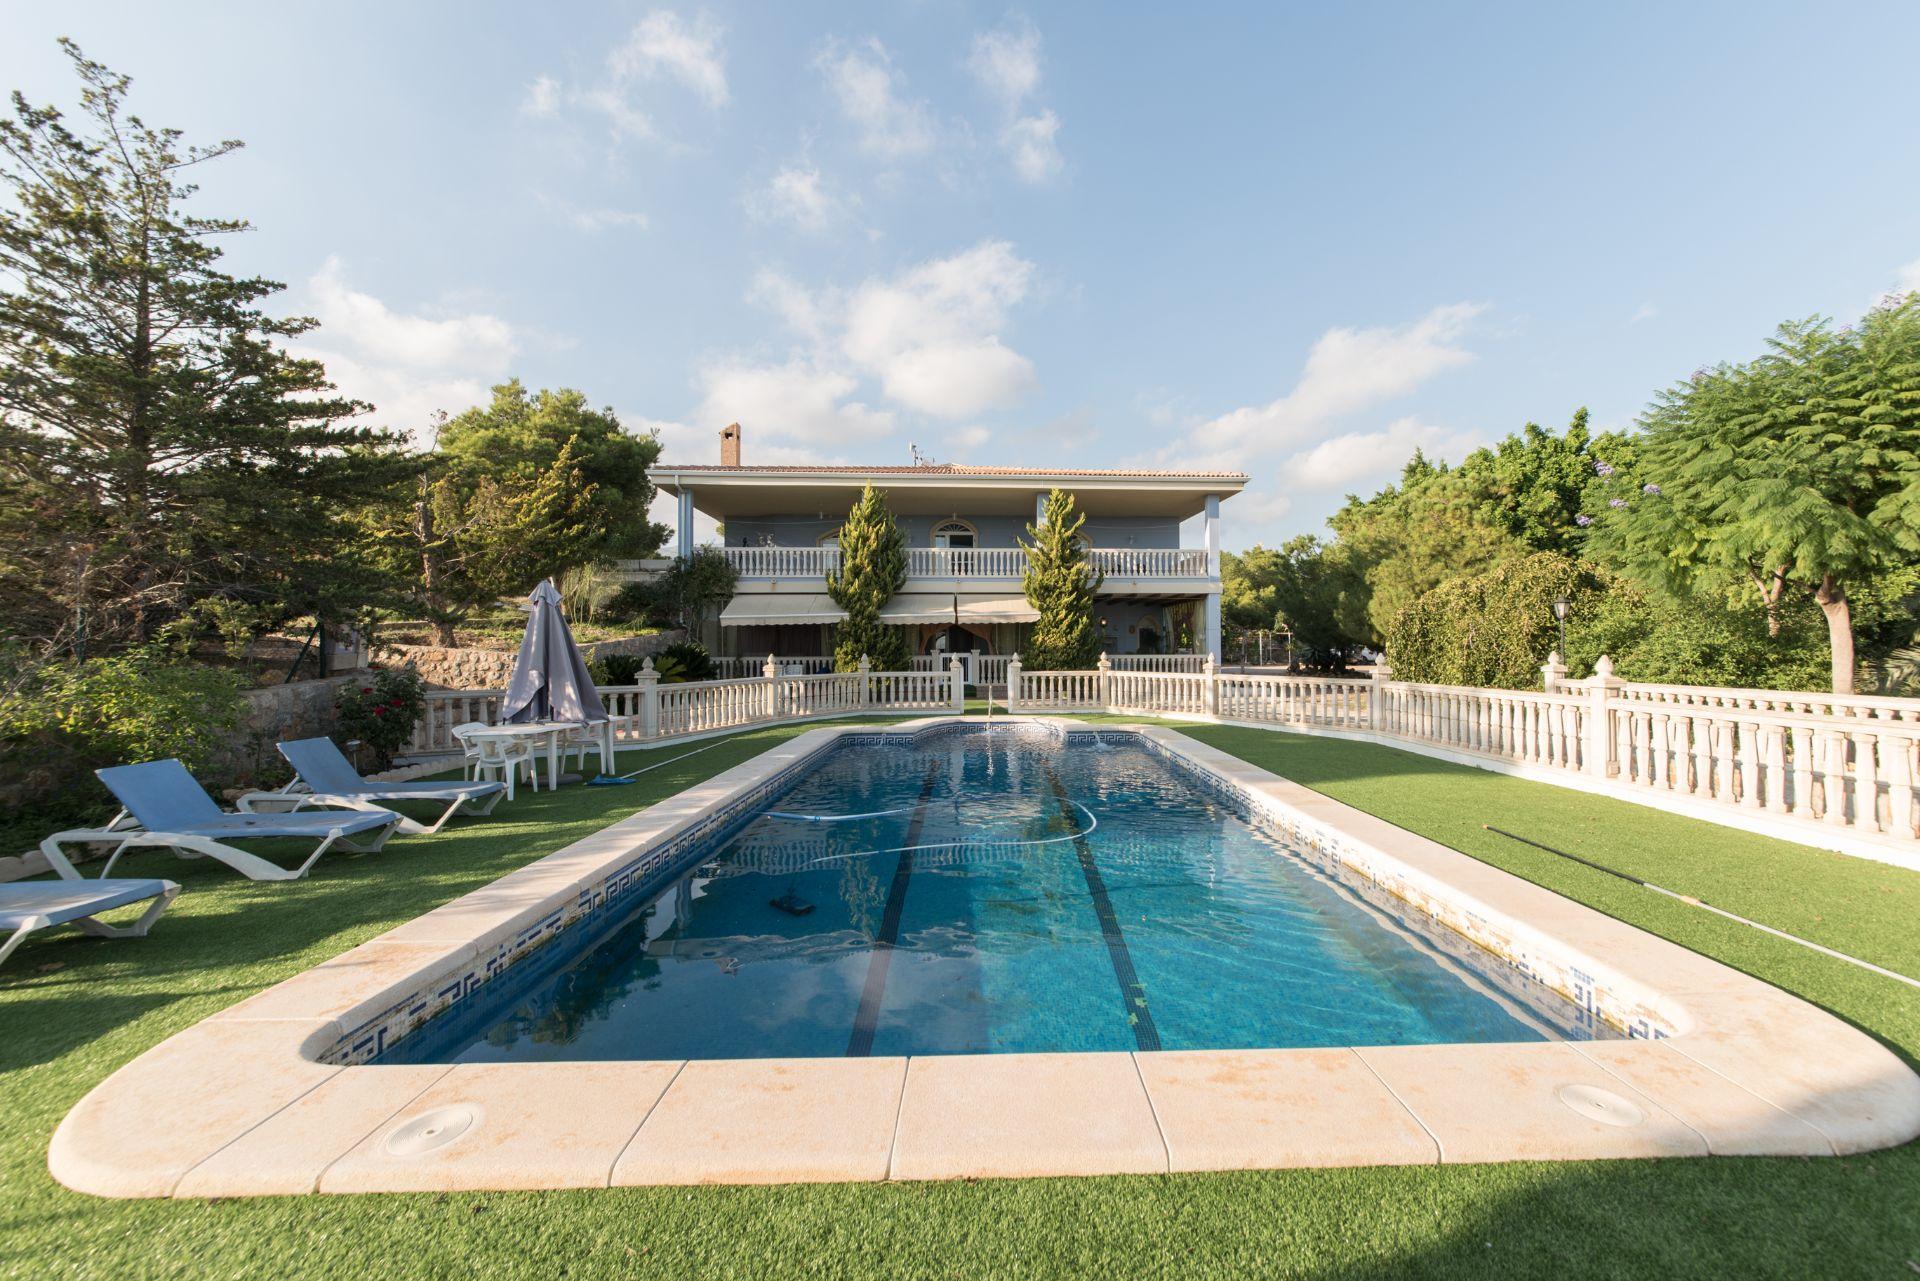 Villa de Lujo en Crevillente, crevillente, venta